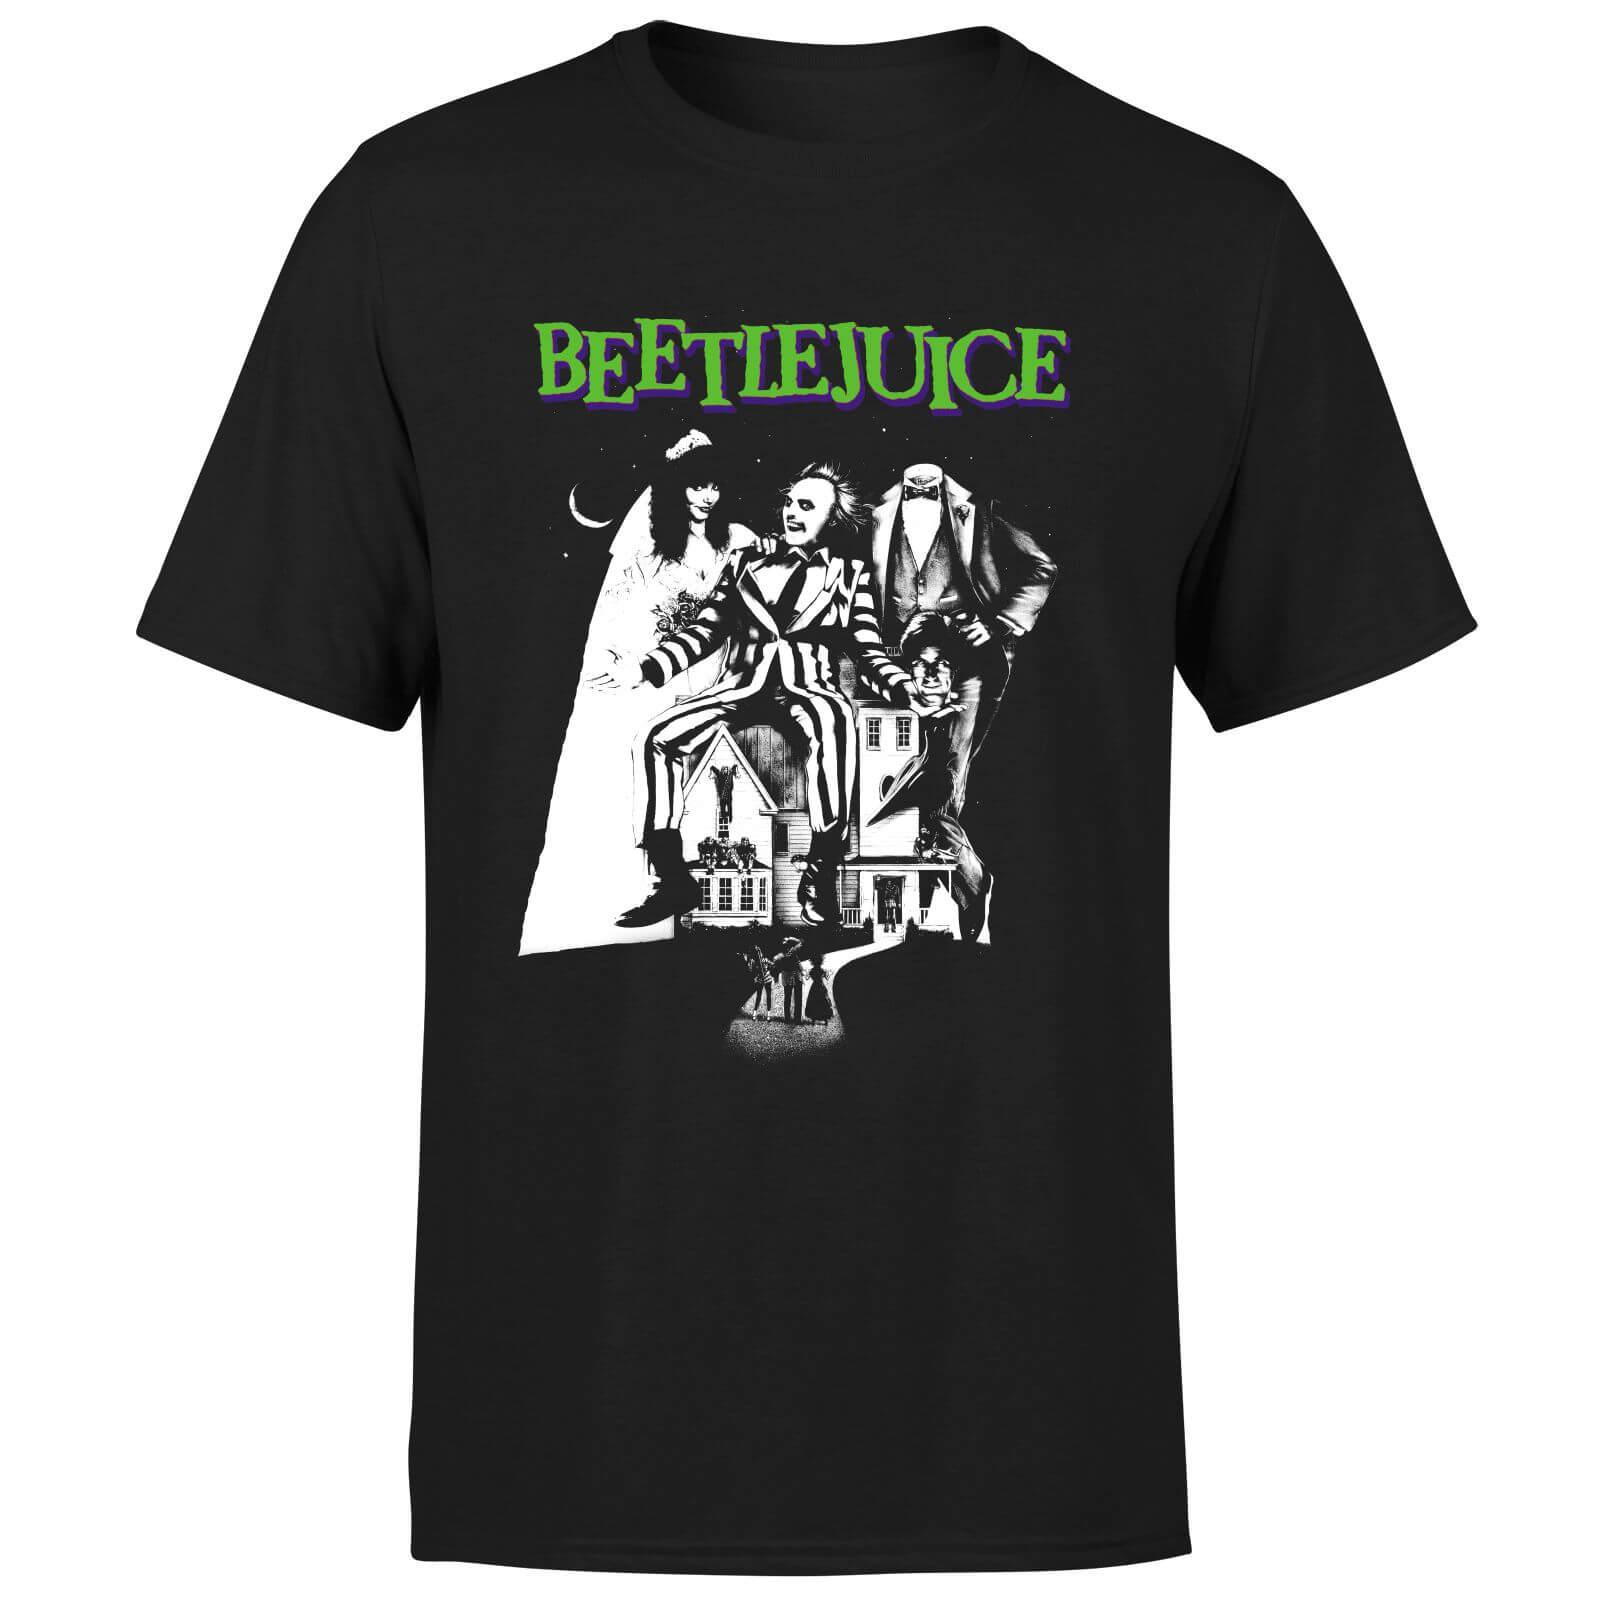 Beetlejuice T-Shirt Homme Affiche Mono Beetlejuice - Noir - L - Noir